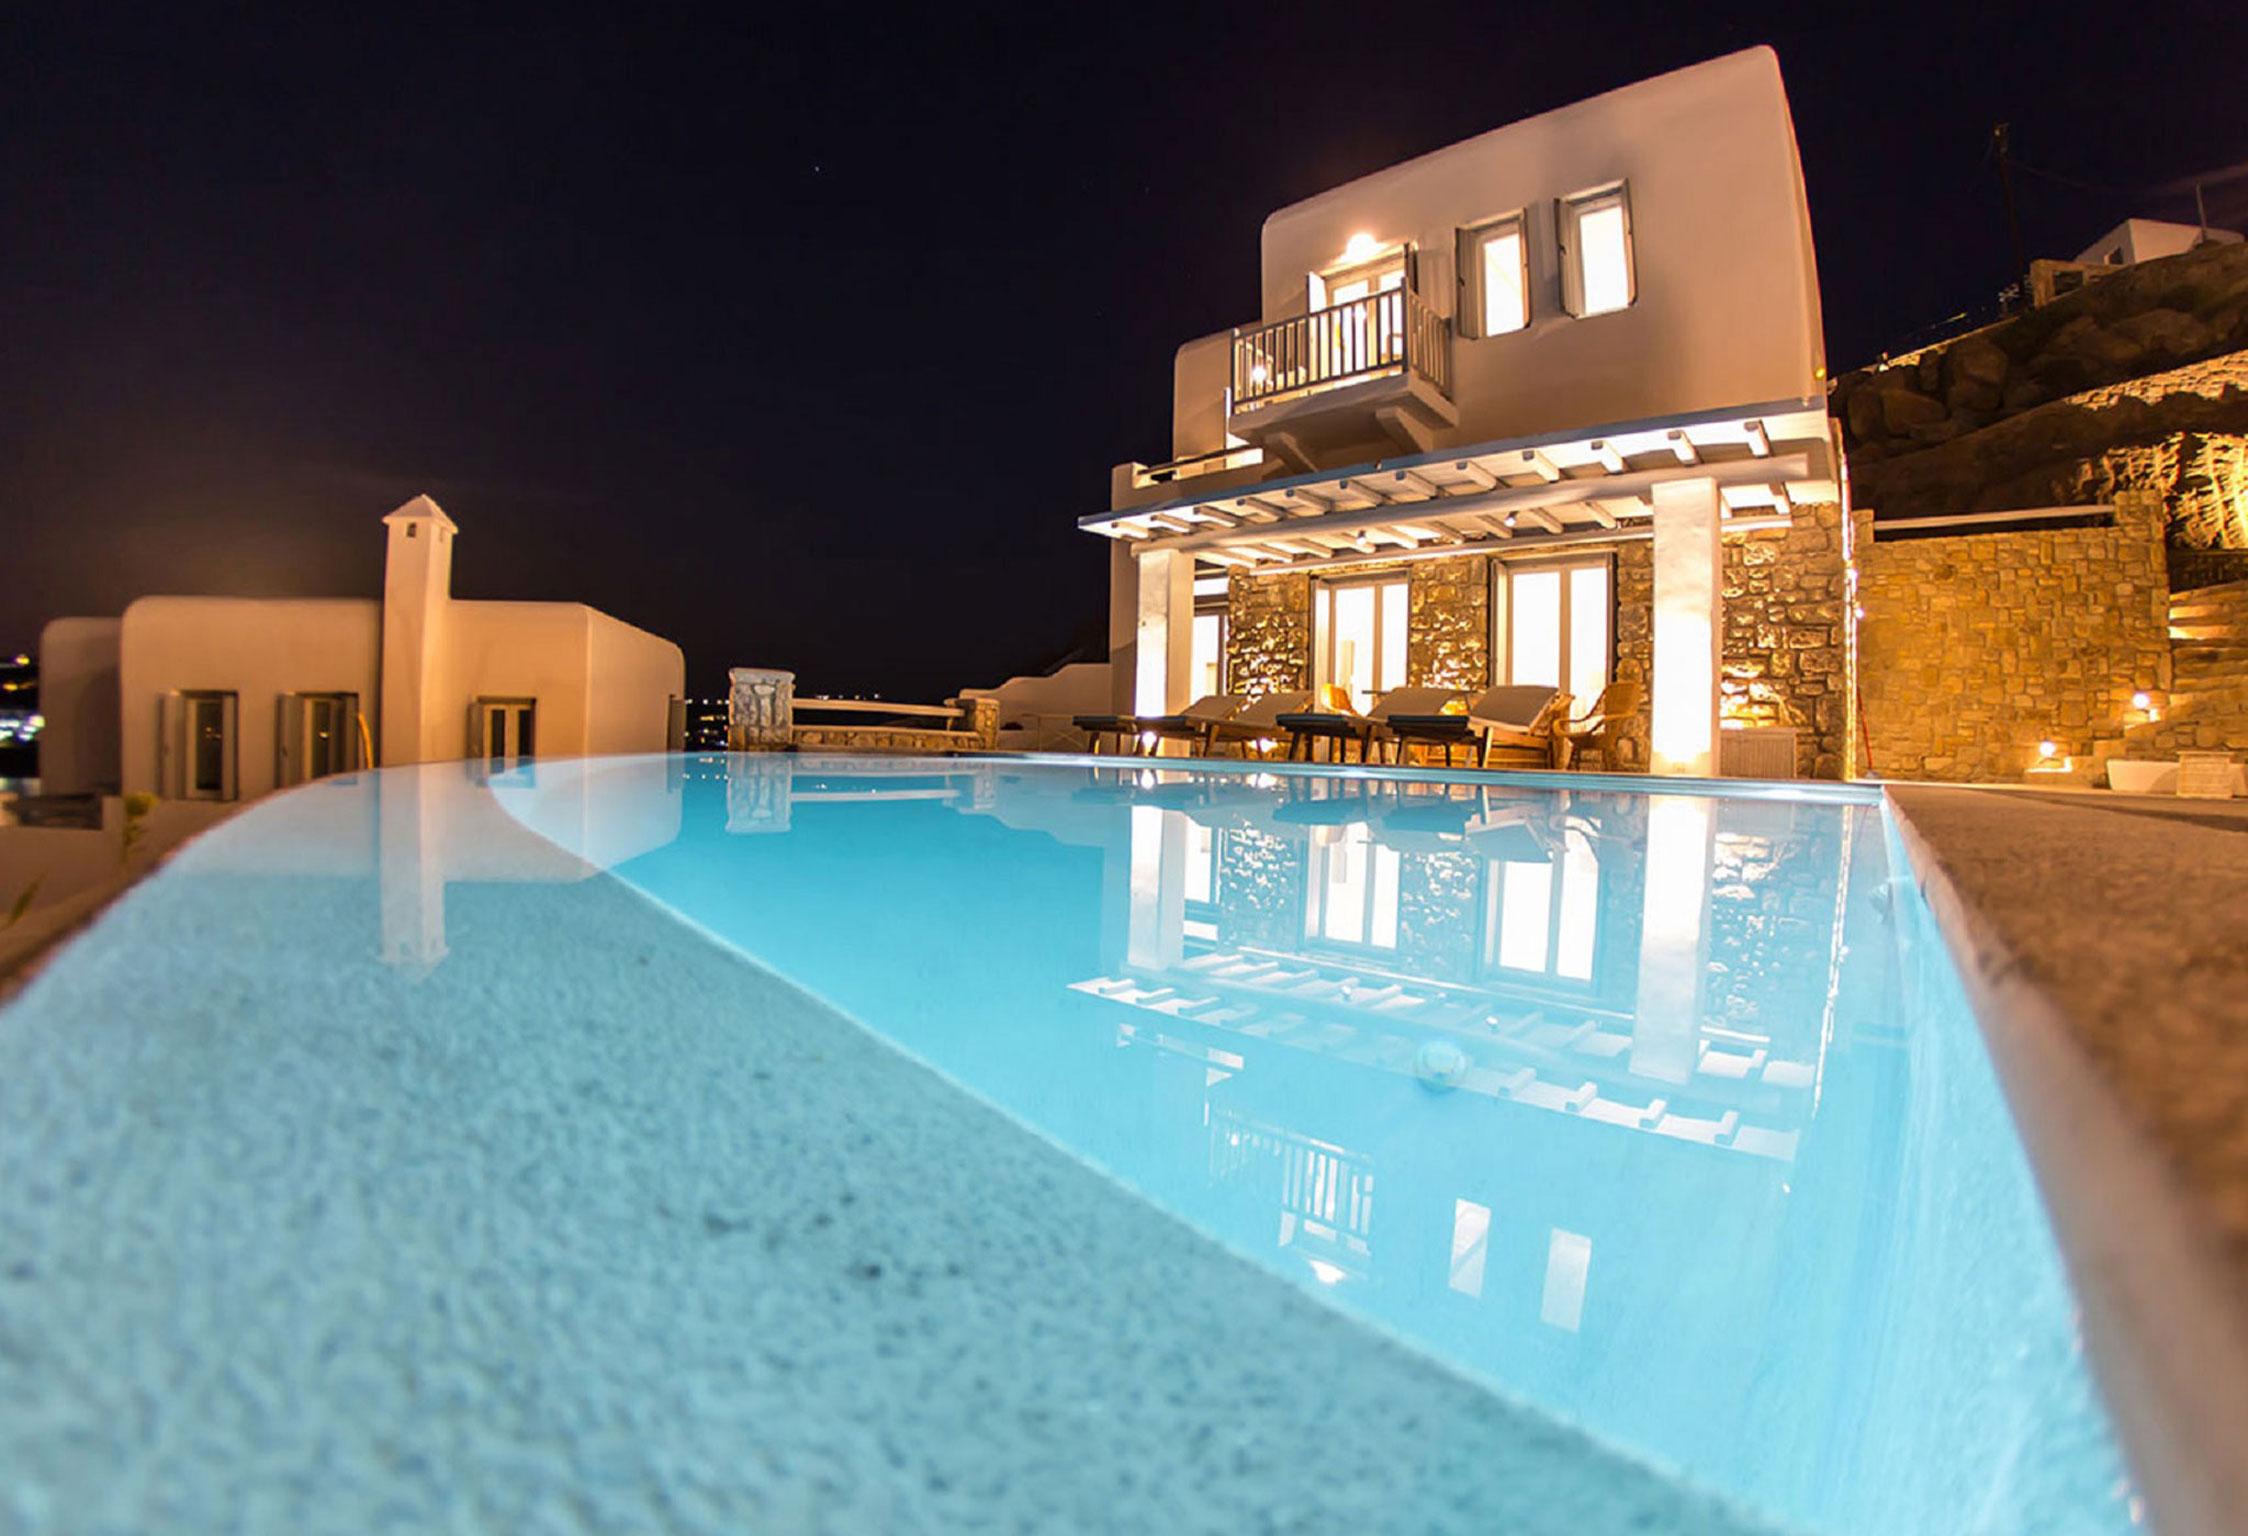 Mykonos Villa Alissa 2 jumbotron image